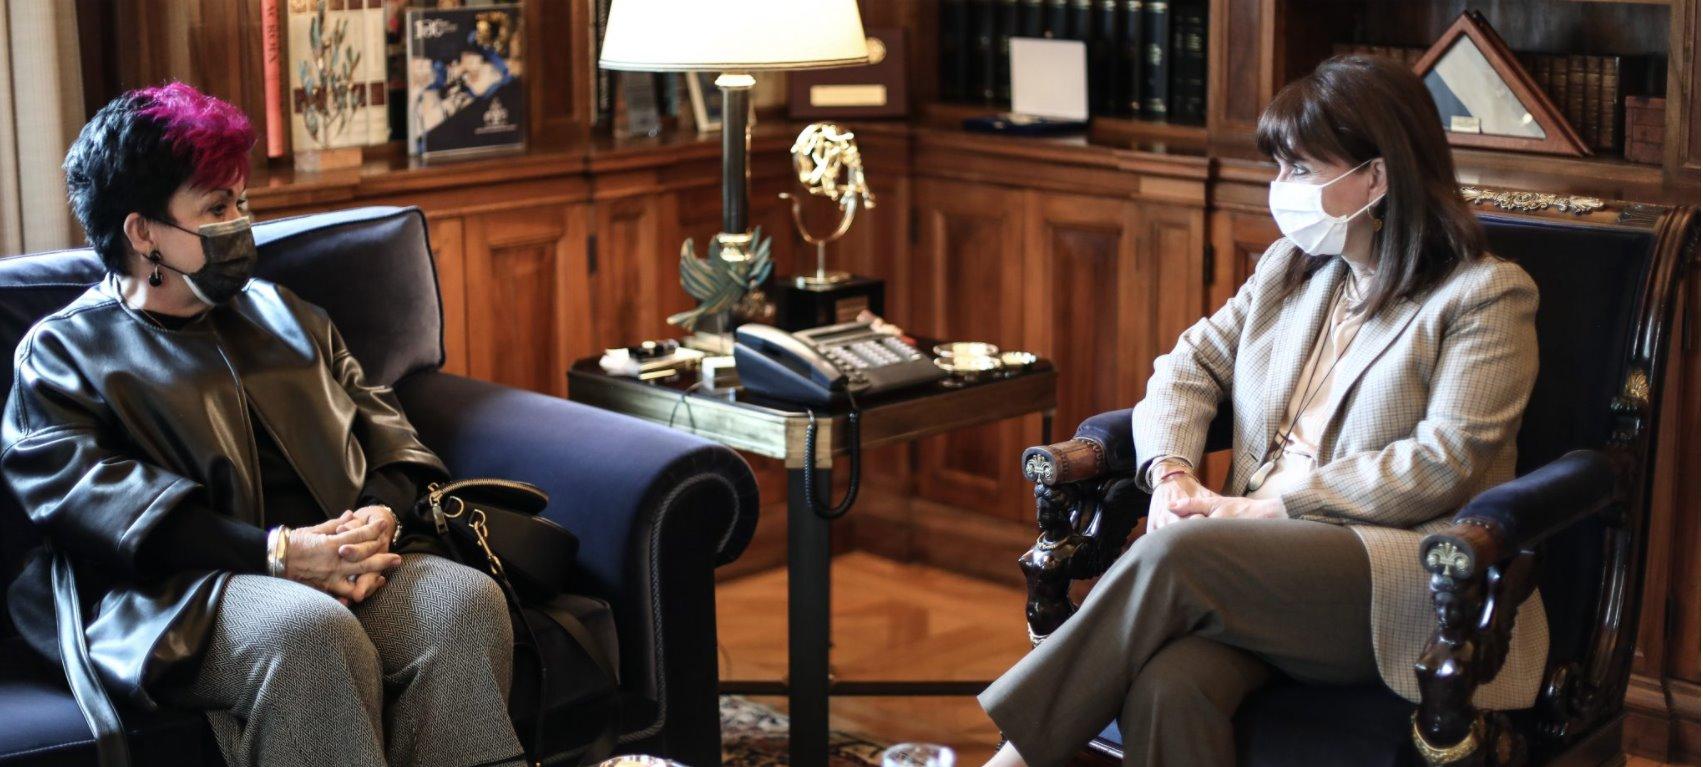 Συνάντηση με την Πρόεδρο της Δημοκρατίας πραγματοποιήσε η Πρόεδρος της Εταιρείας Alzheimer Αθηνών